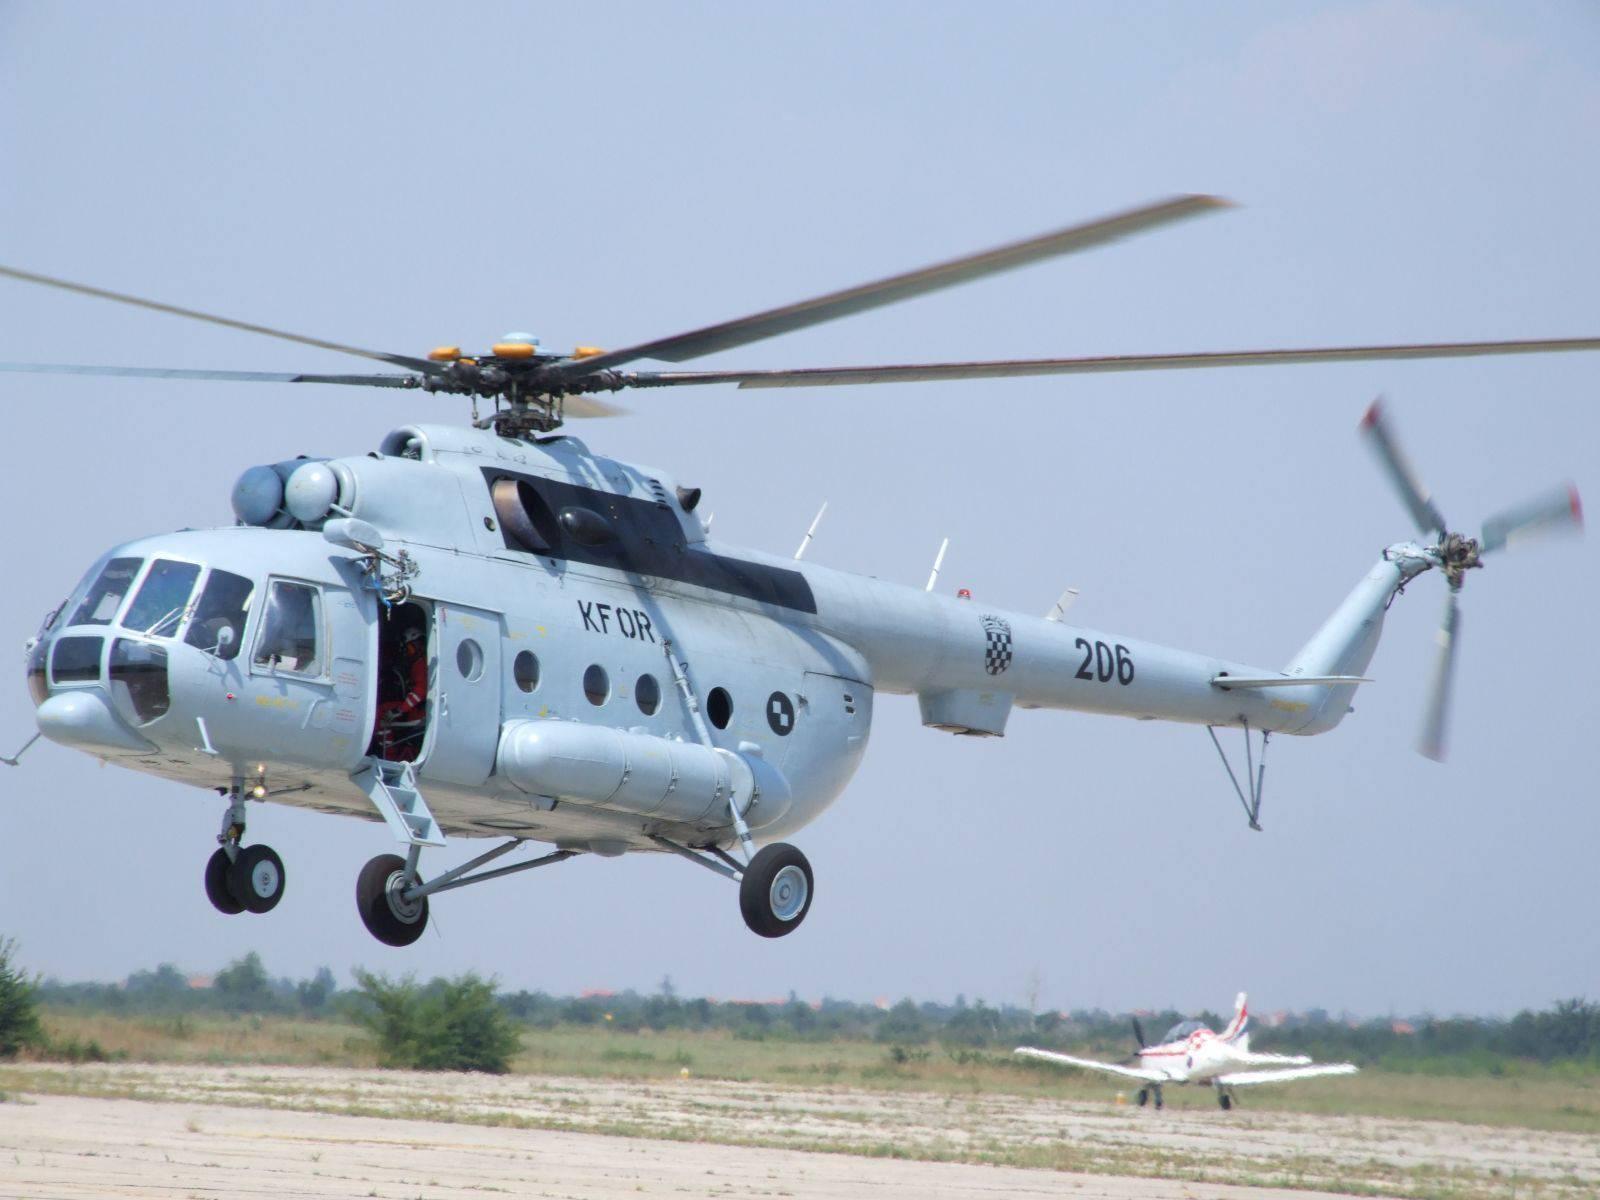 Zračne snage HRZ-a tijekom vikenda imale su 8 intervencija